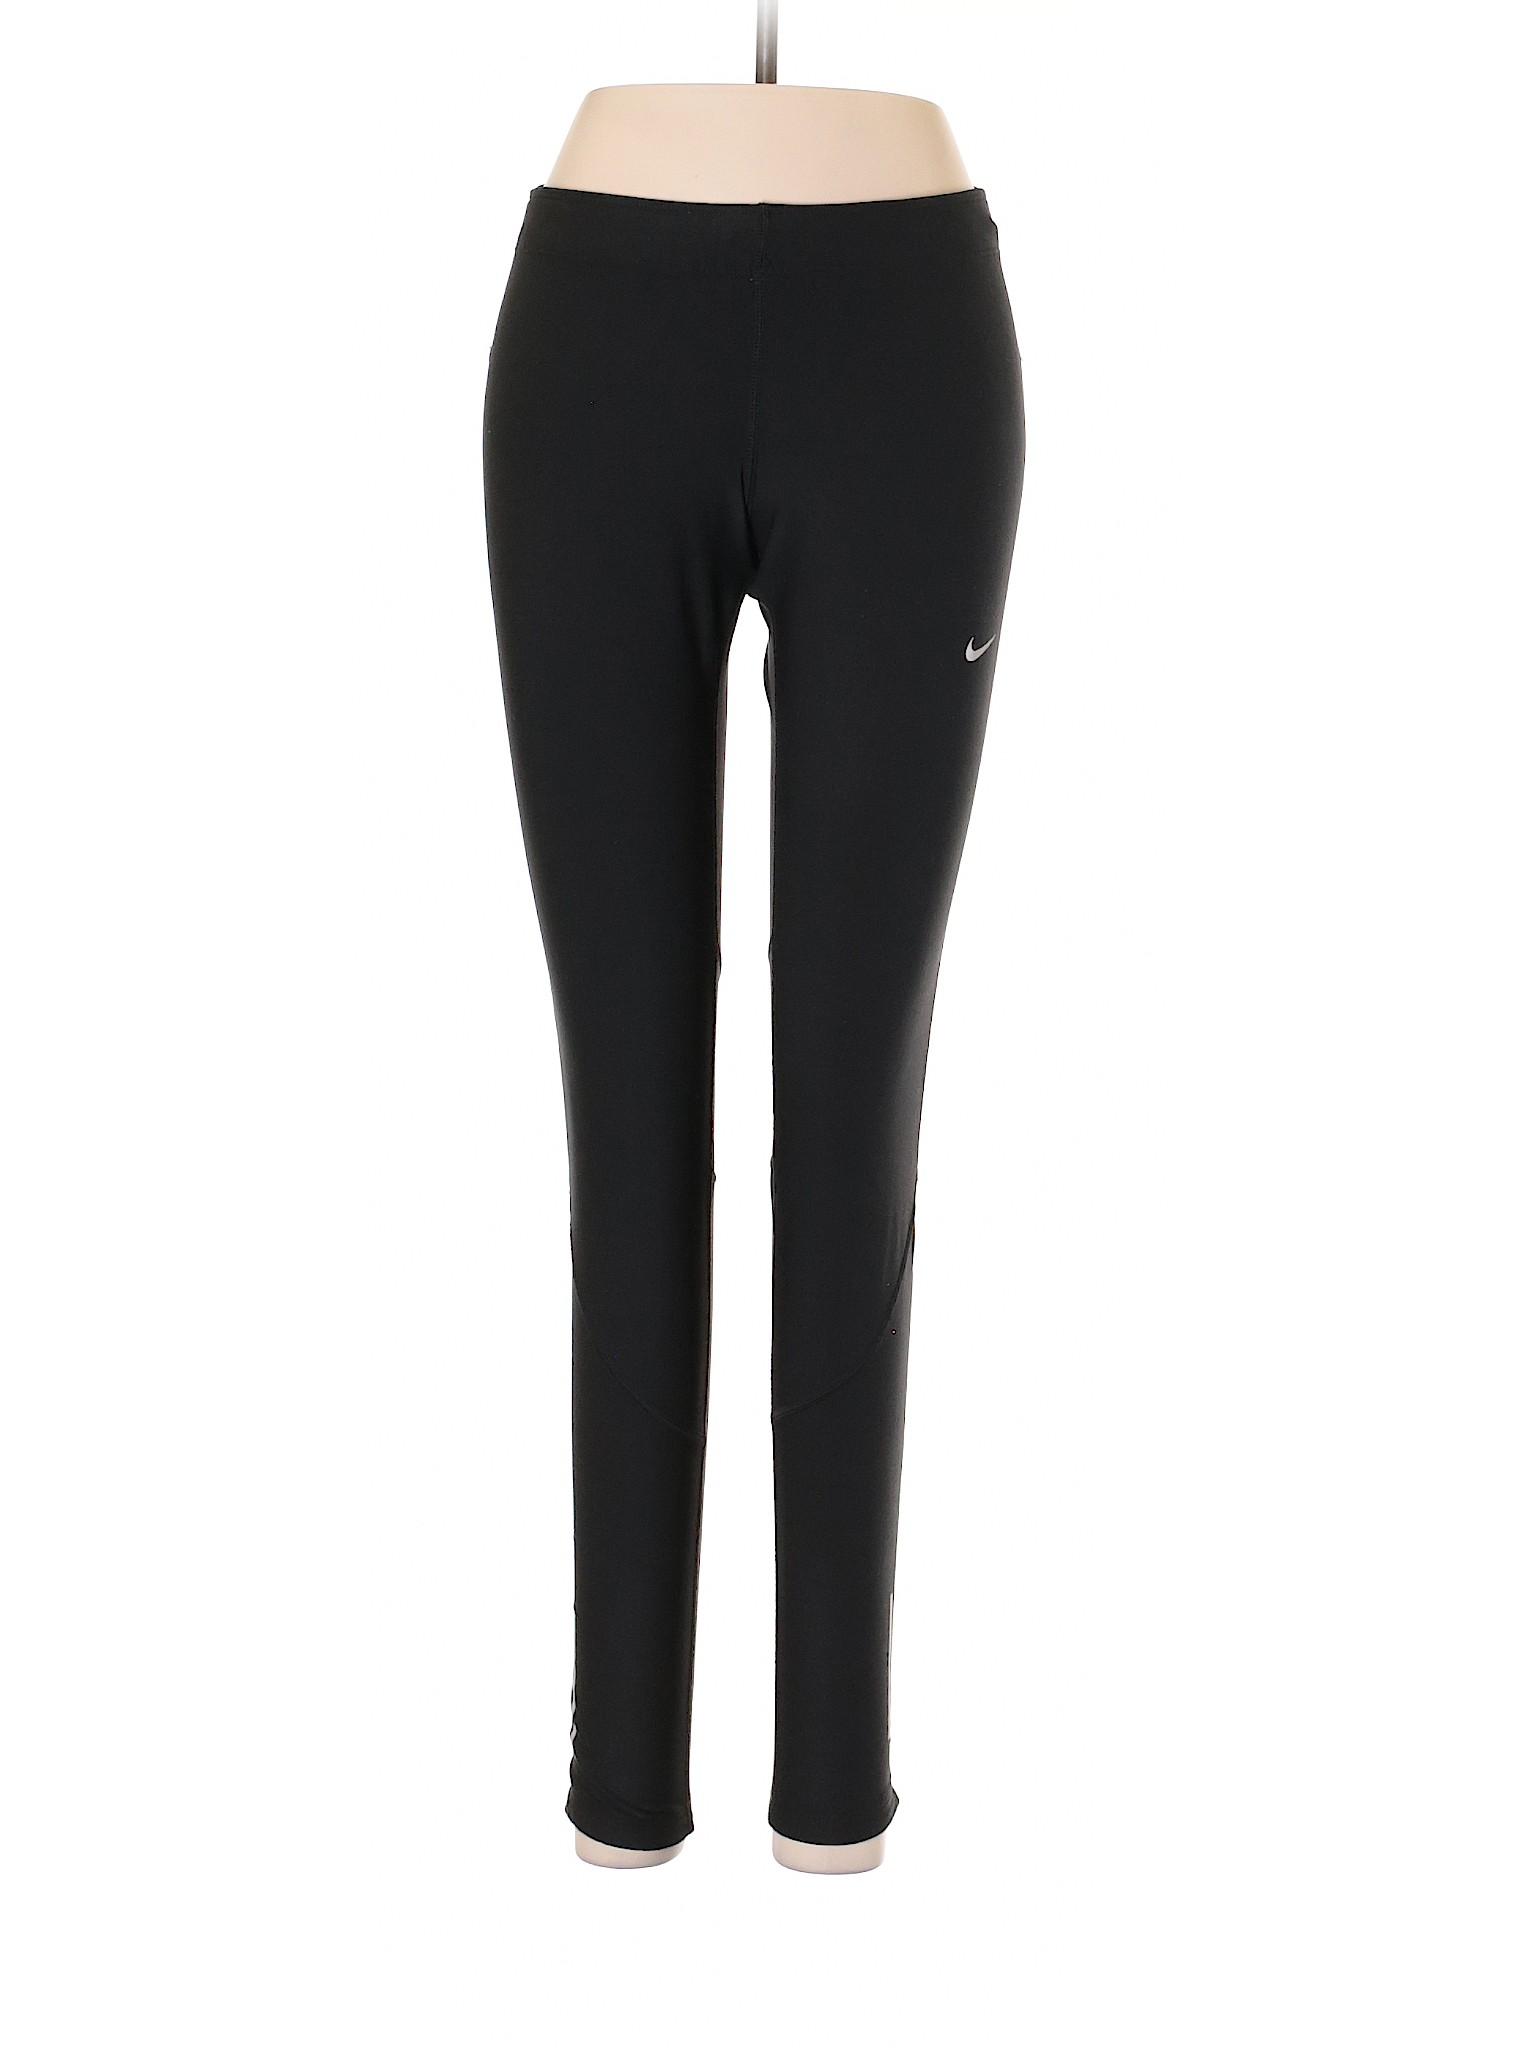 Nike Active Winter Boutique Pants Boutique Winter qwtv0Hv